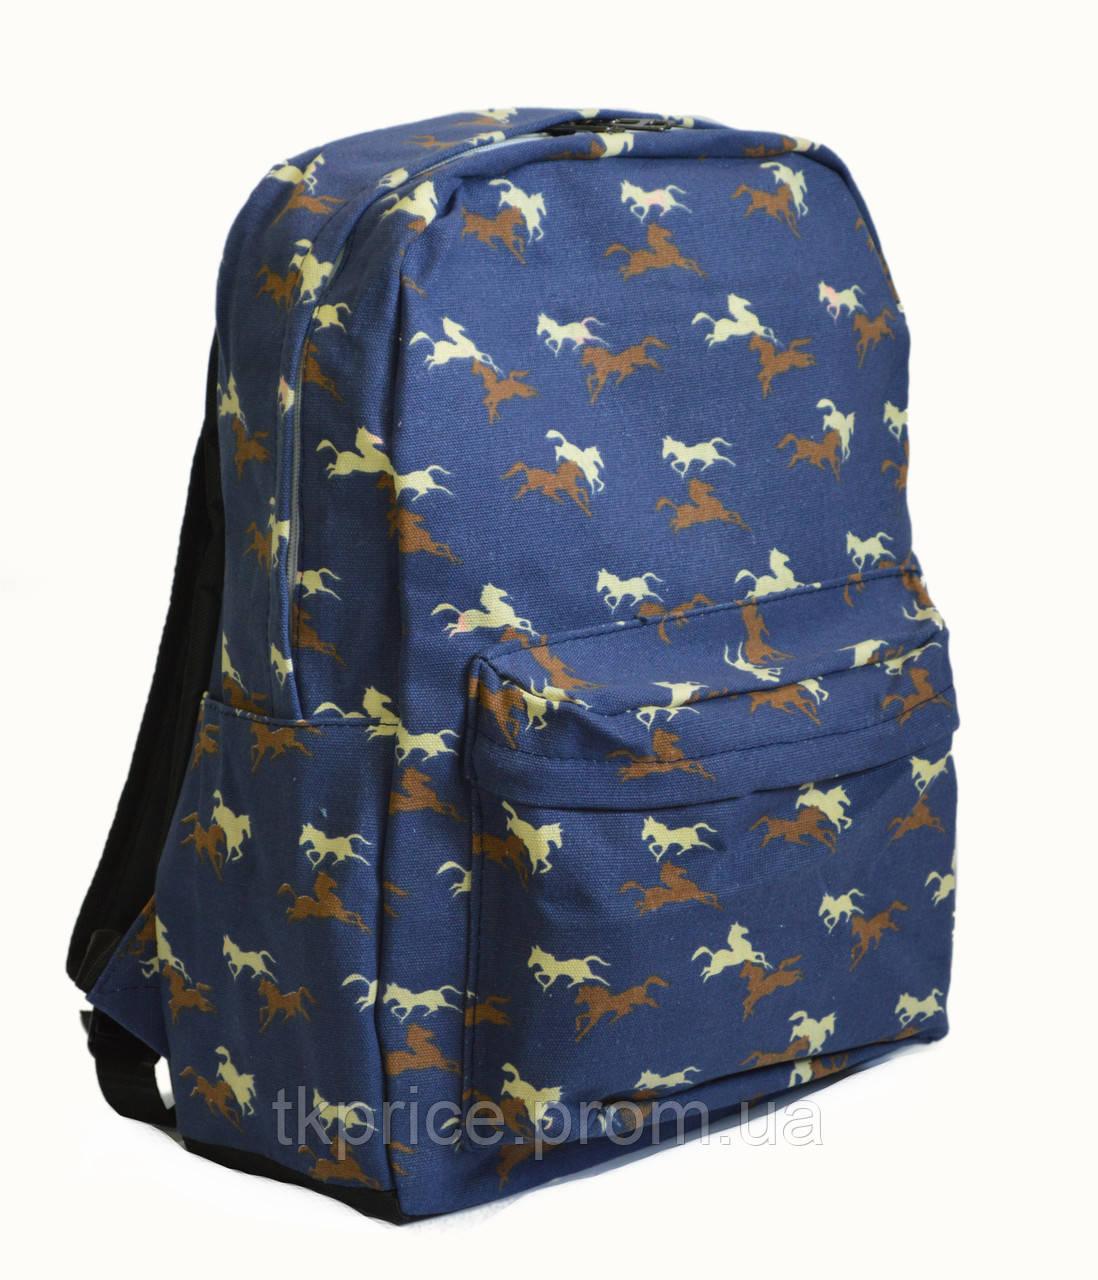 0ae3ec28fa52 Универсальный Рюкзак для Школы и Прогулок с Лошадками Синий — в ...